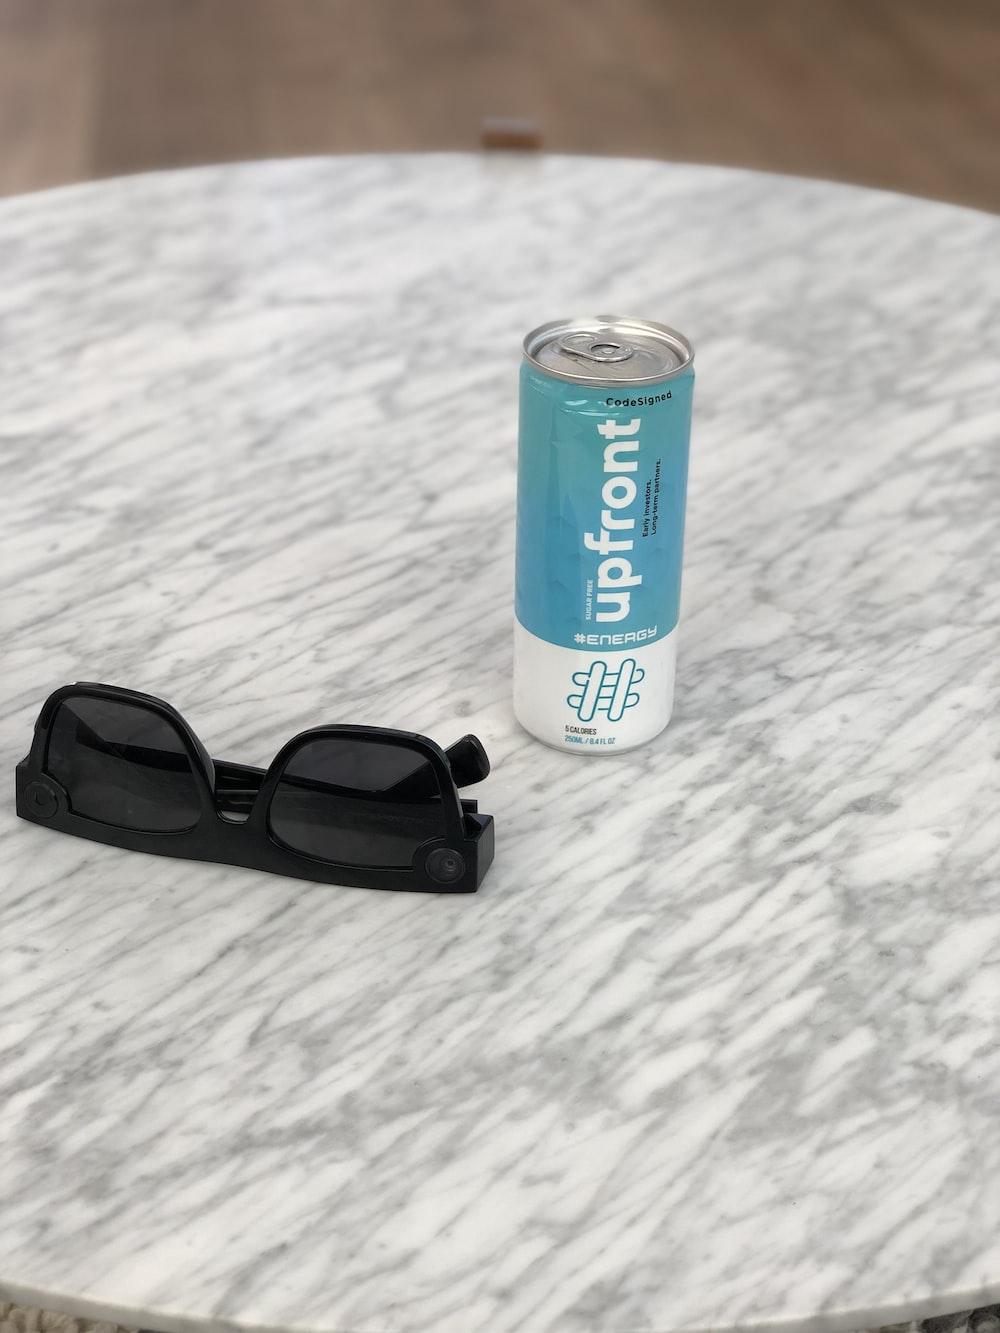 Upfront can beside black framed eyeglasses